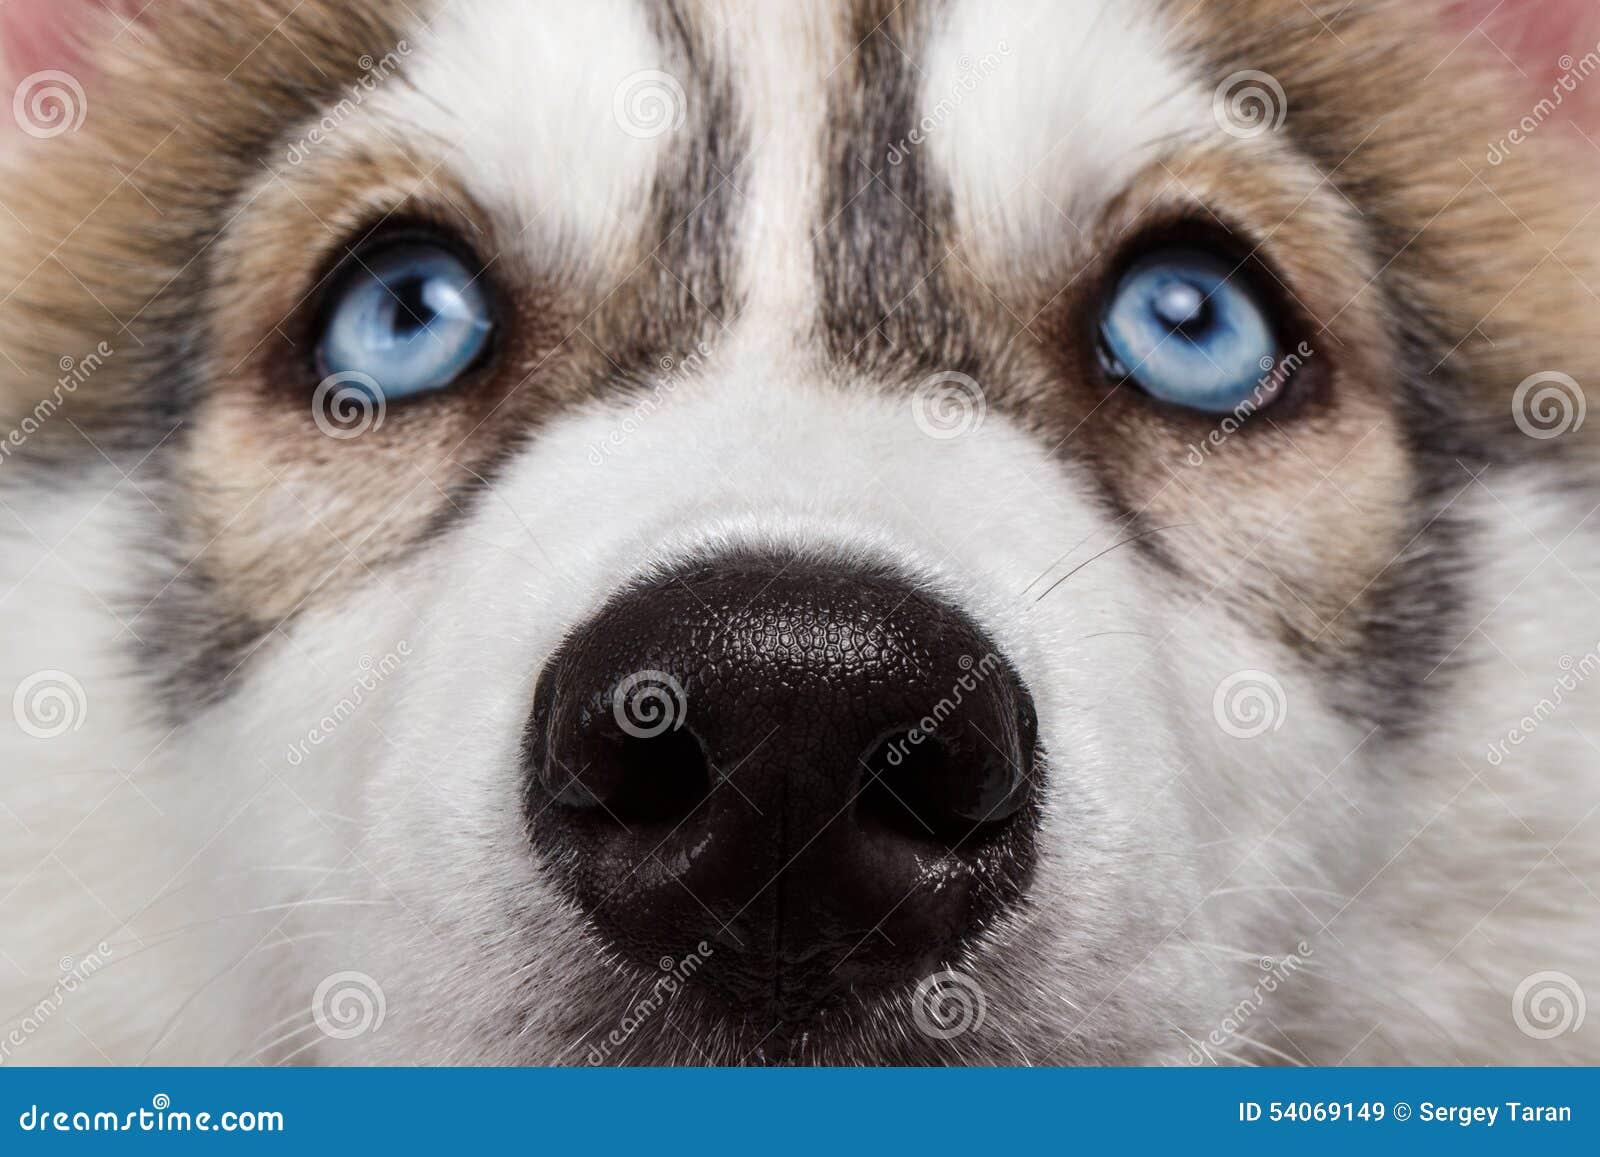 与鼻子西伯利亚爱斯基摩人小狗的特写镜头蓝眼睛.图片